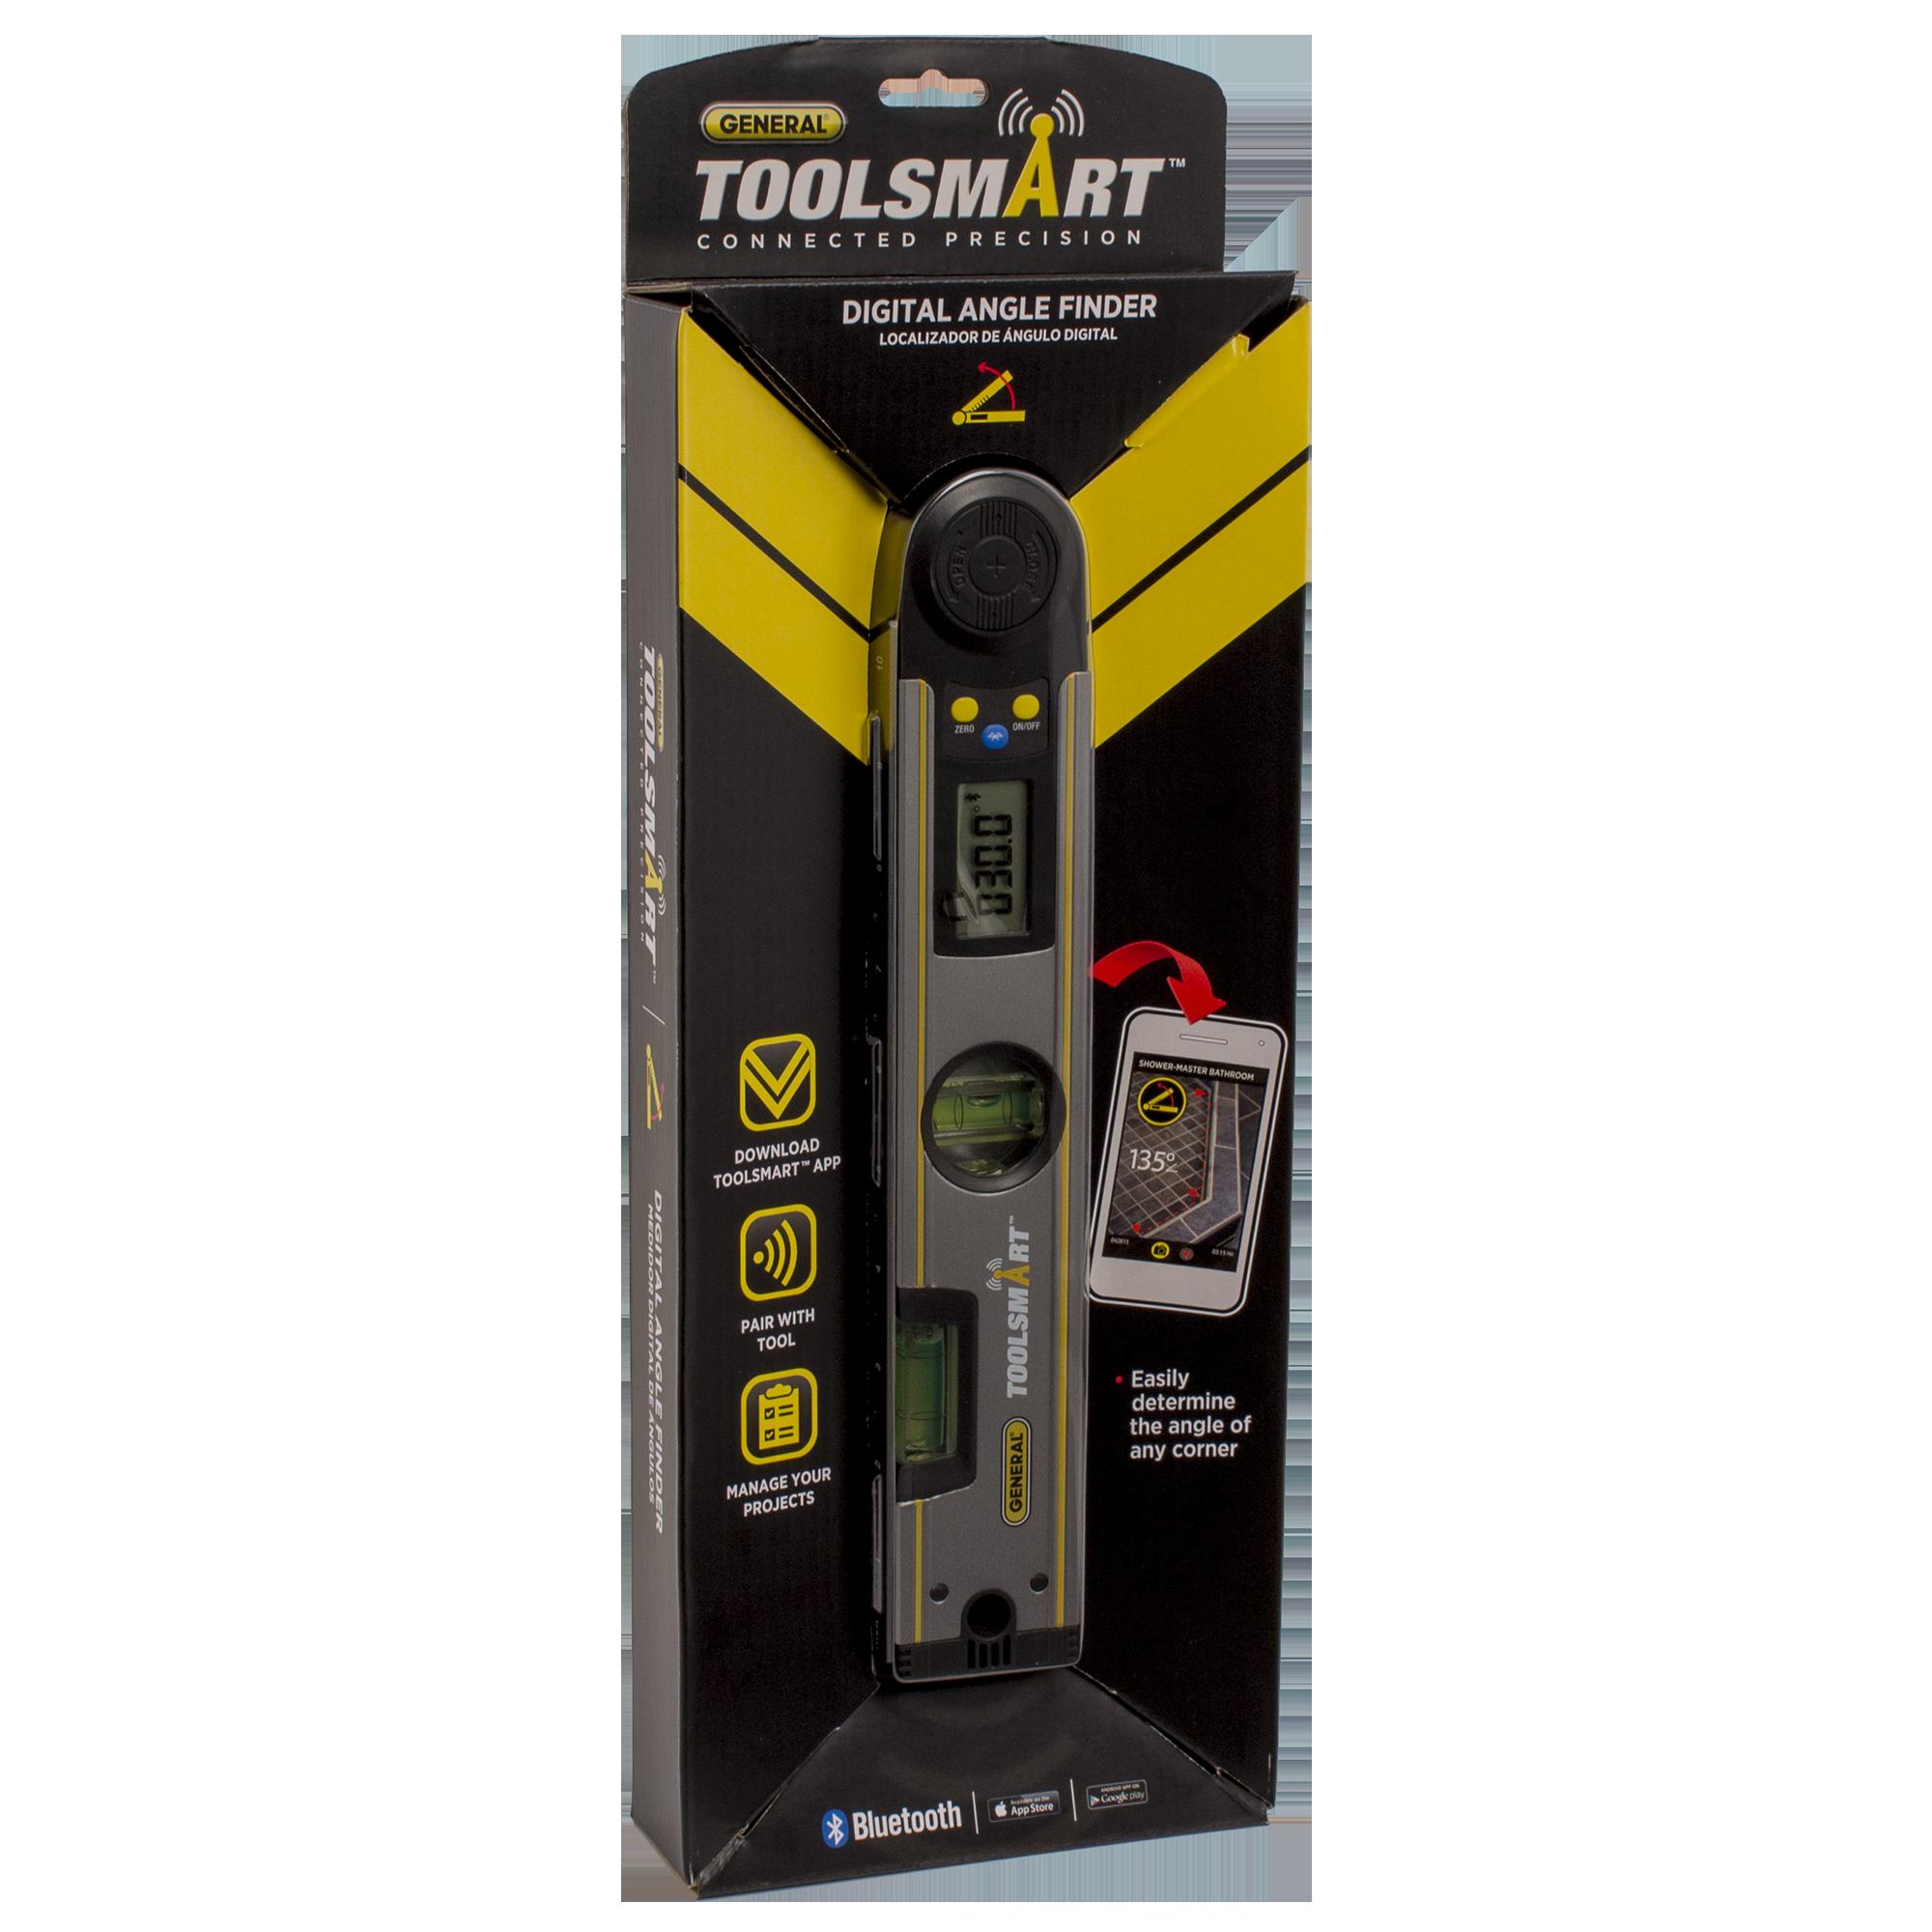 Angle Finder App >> General Toolsmart Bluetooth Digital Angle Finder